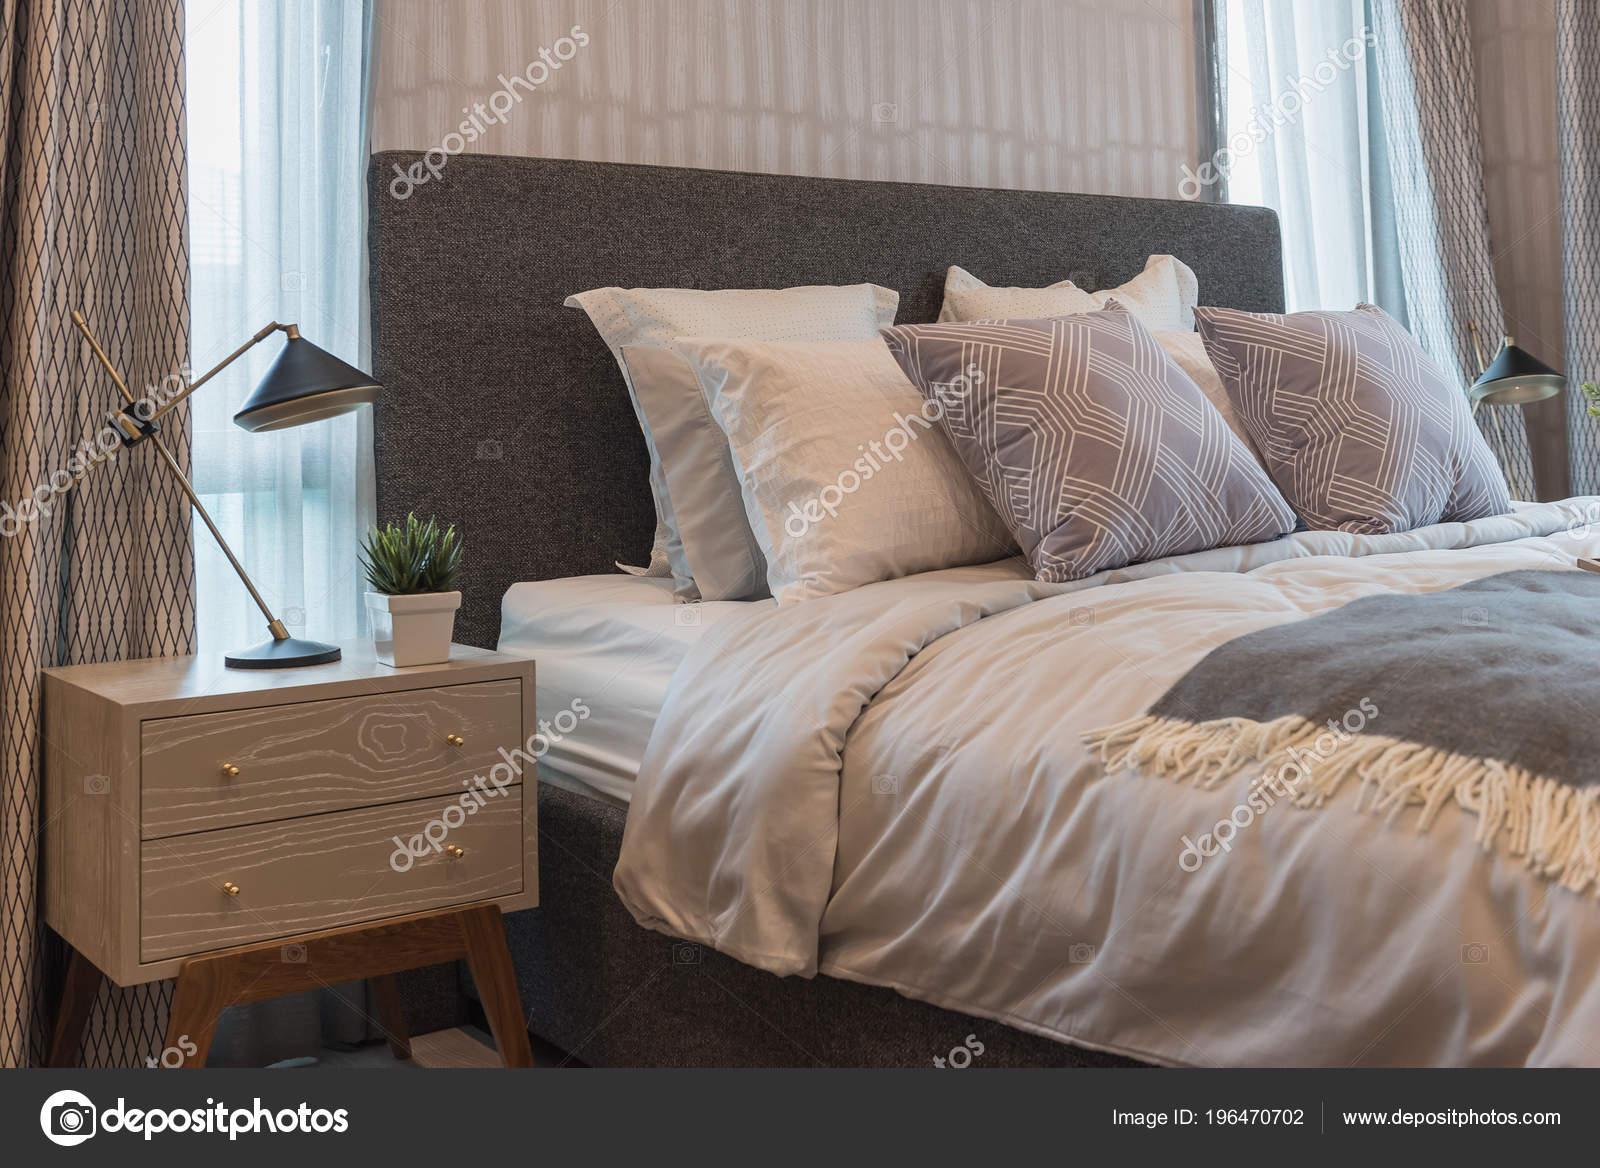 Style De Chambre De Luxe Avec Ensemble De Coussins Sur Le Lit King Size, Le  Concept De Design Du0027intérieur U2014 Image De Khongkitwiriyachan| ...